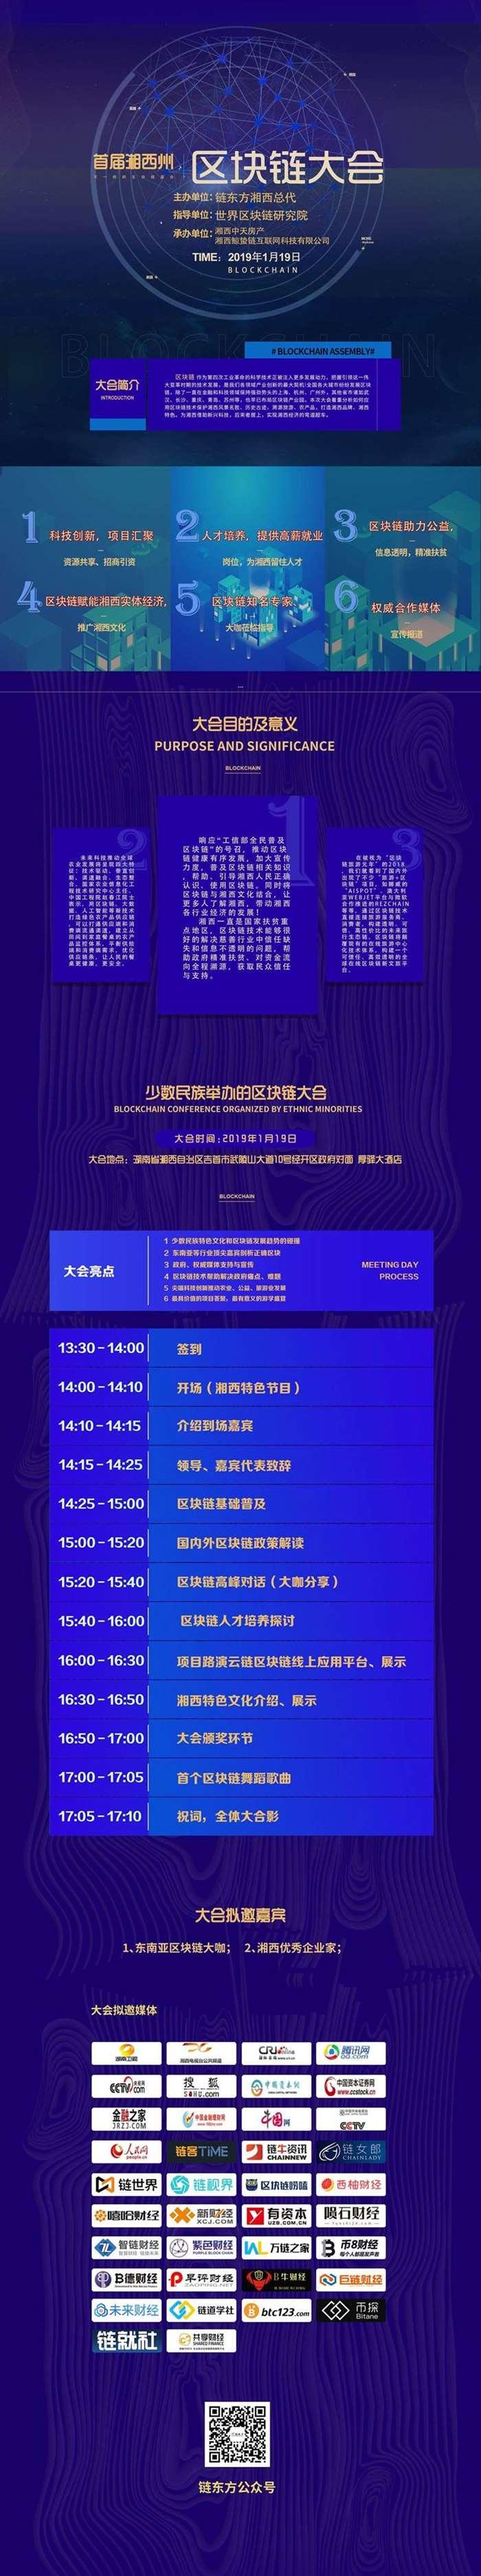 01.19湘西区块链大会活动行内容海报(新).jpg